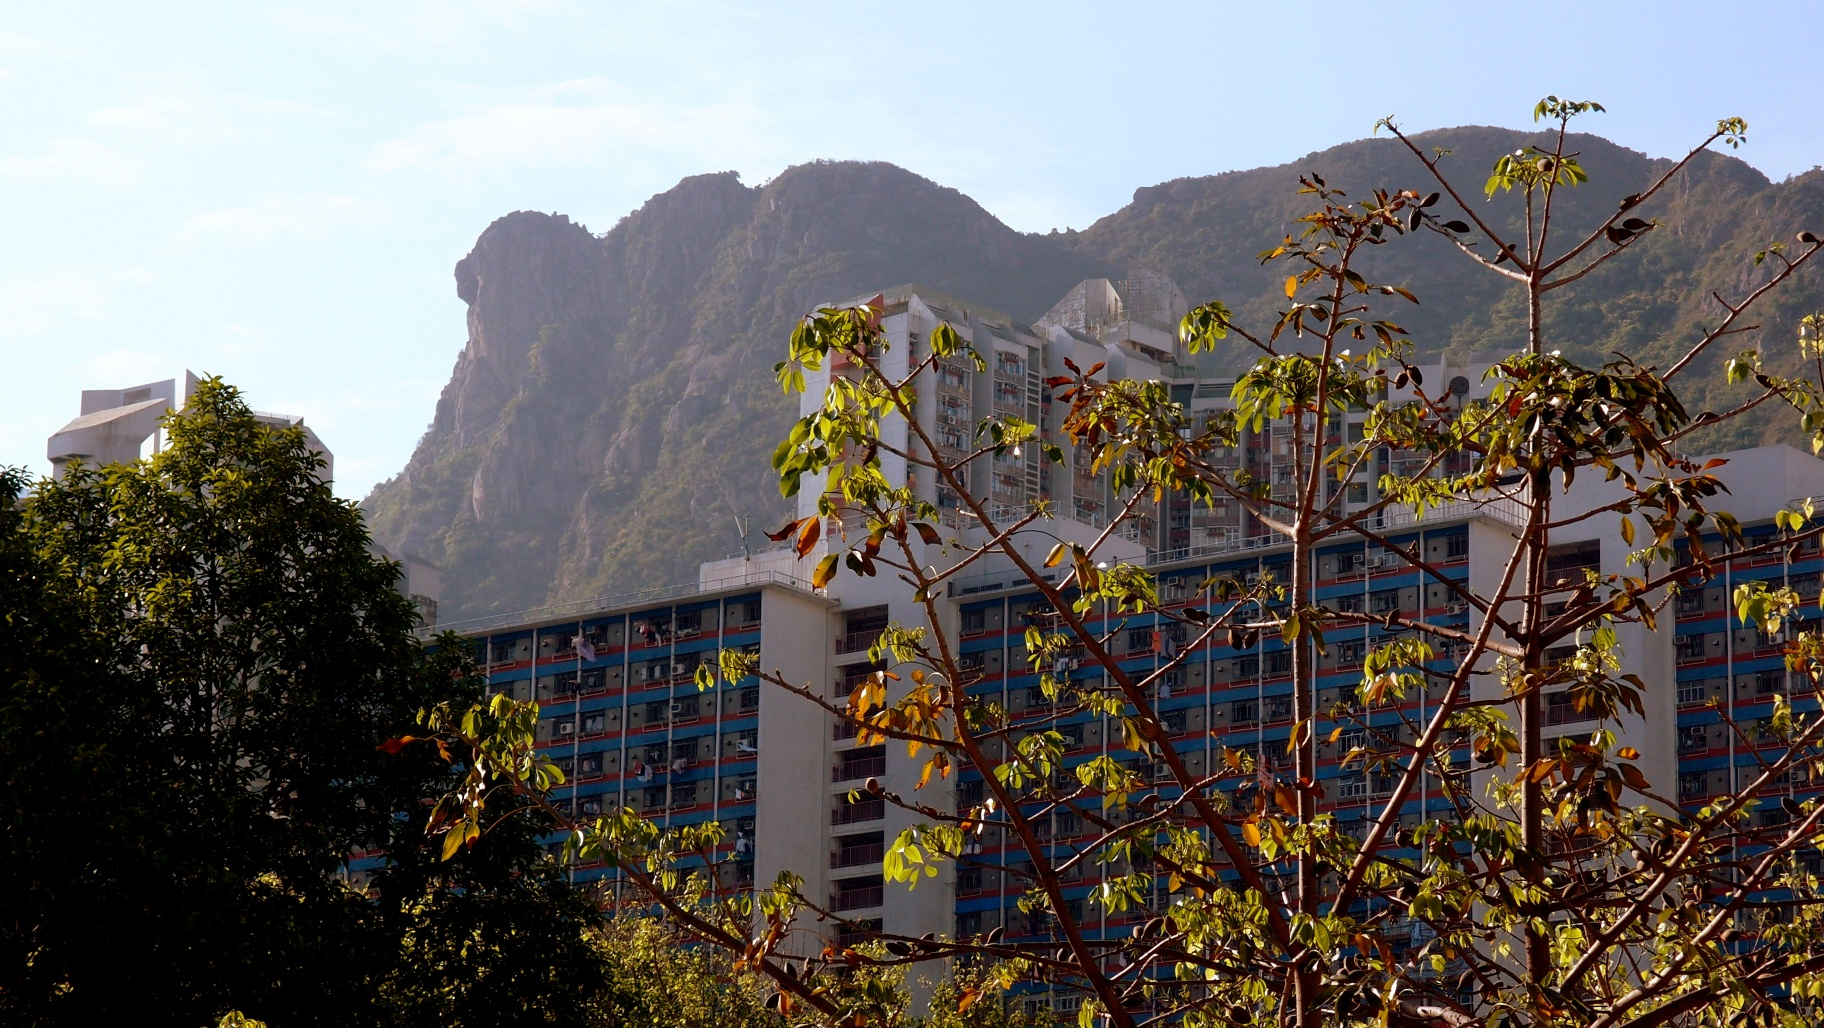 The famous Lion Rock, image taken in Wong Tai Sin